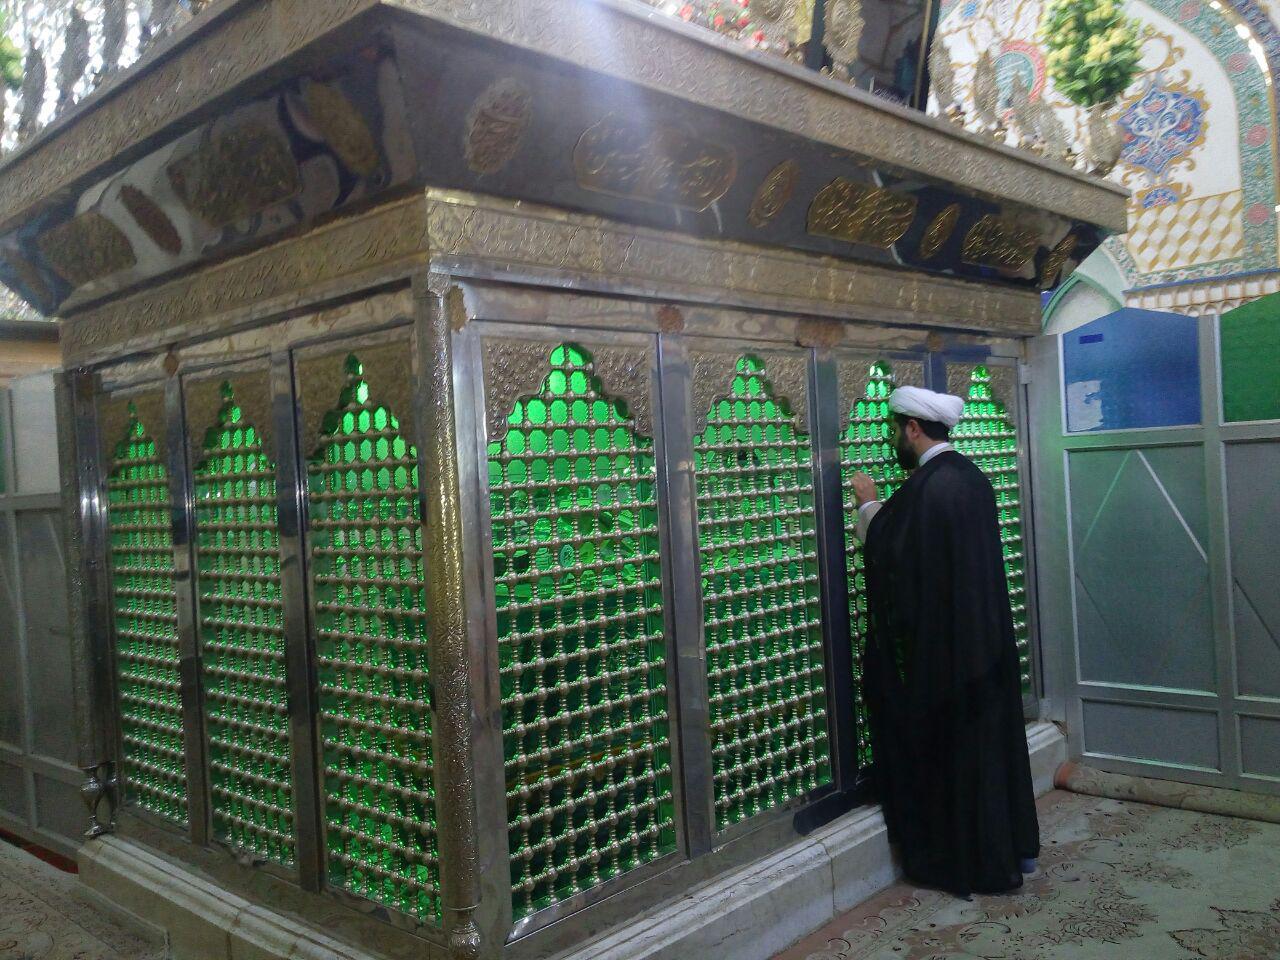 زیارت سید محمد قهدریجان توسط امام جمعه محترم شهر قهدریجان